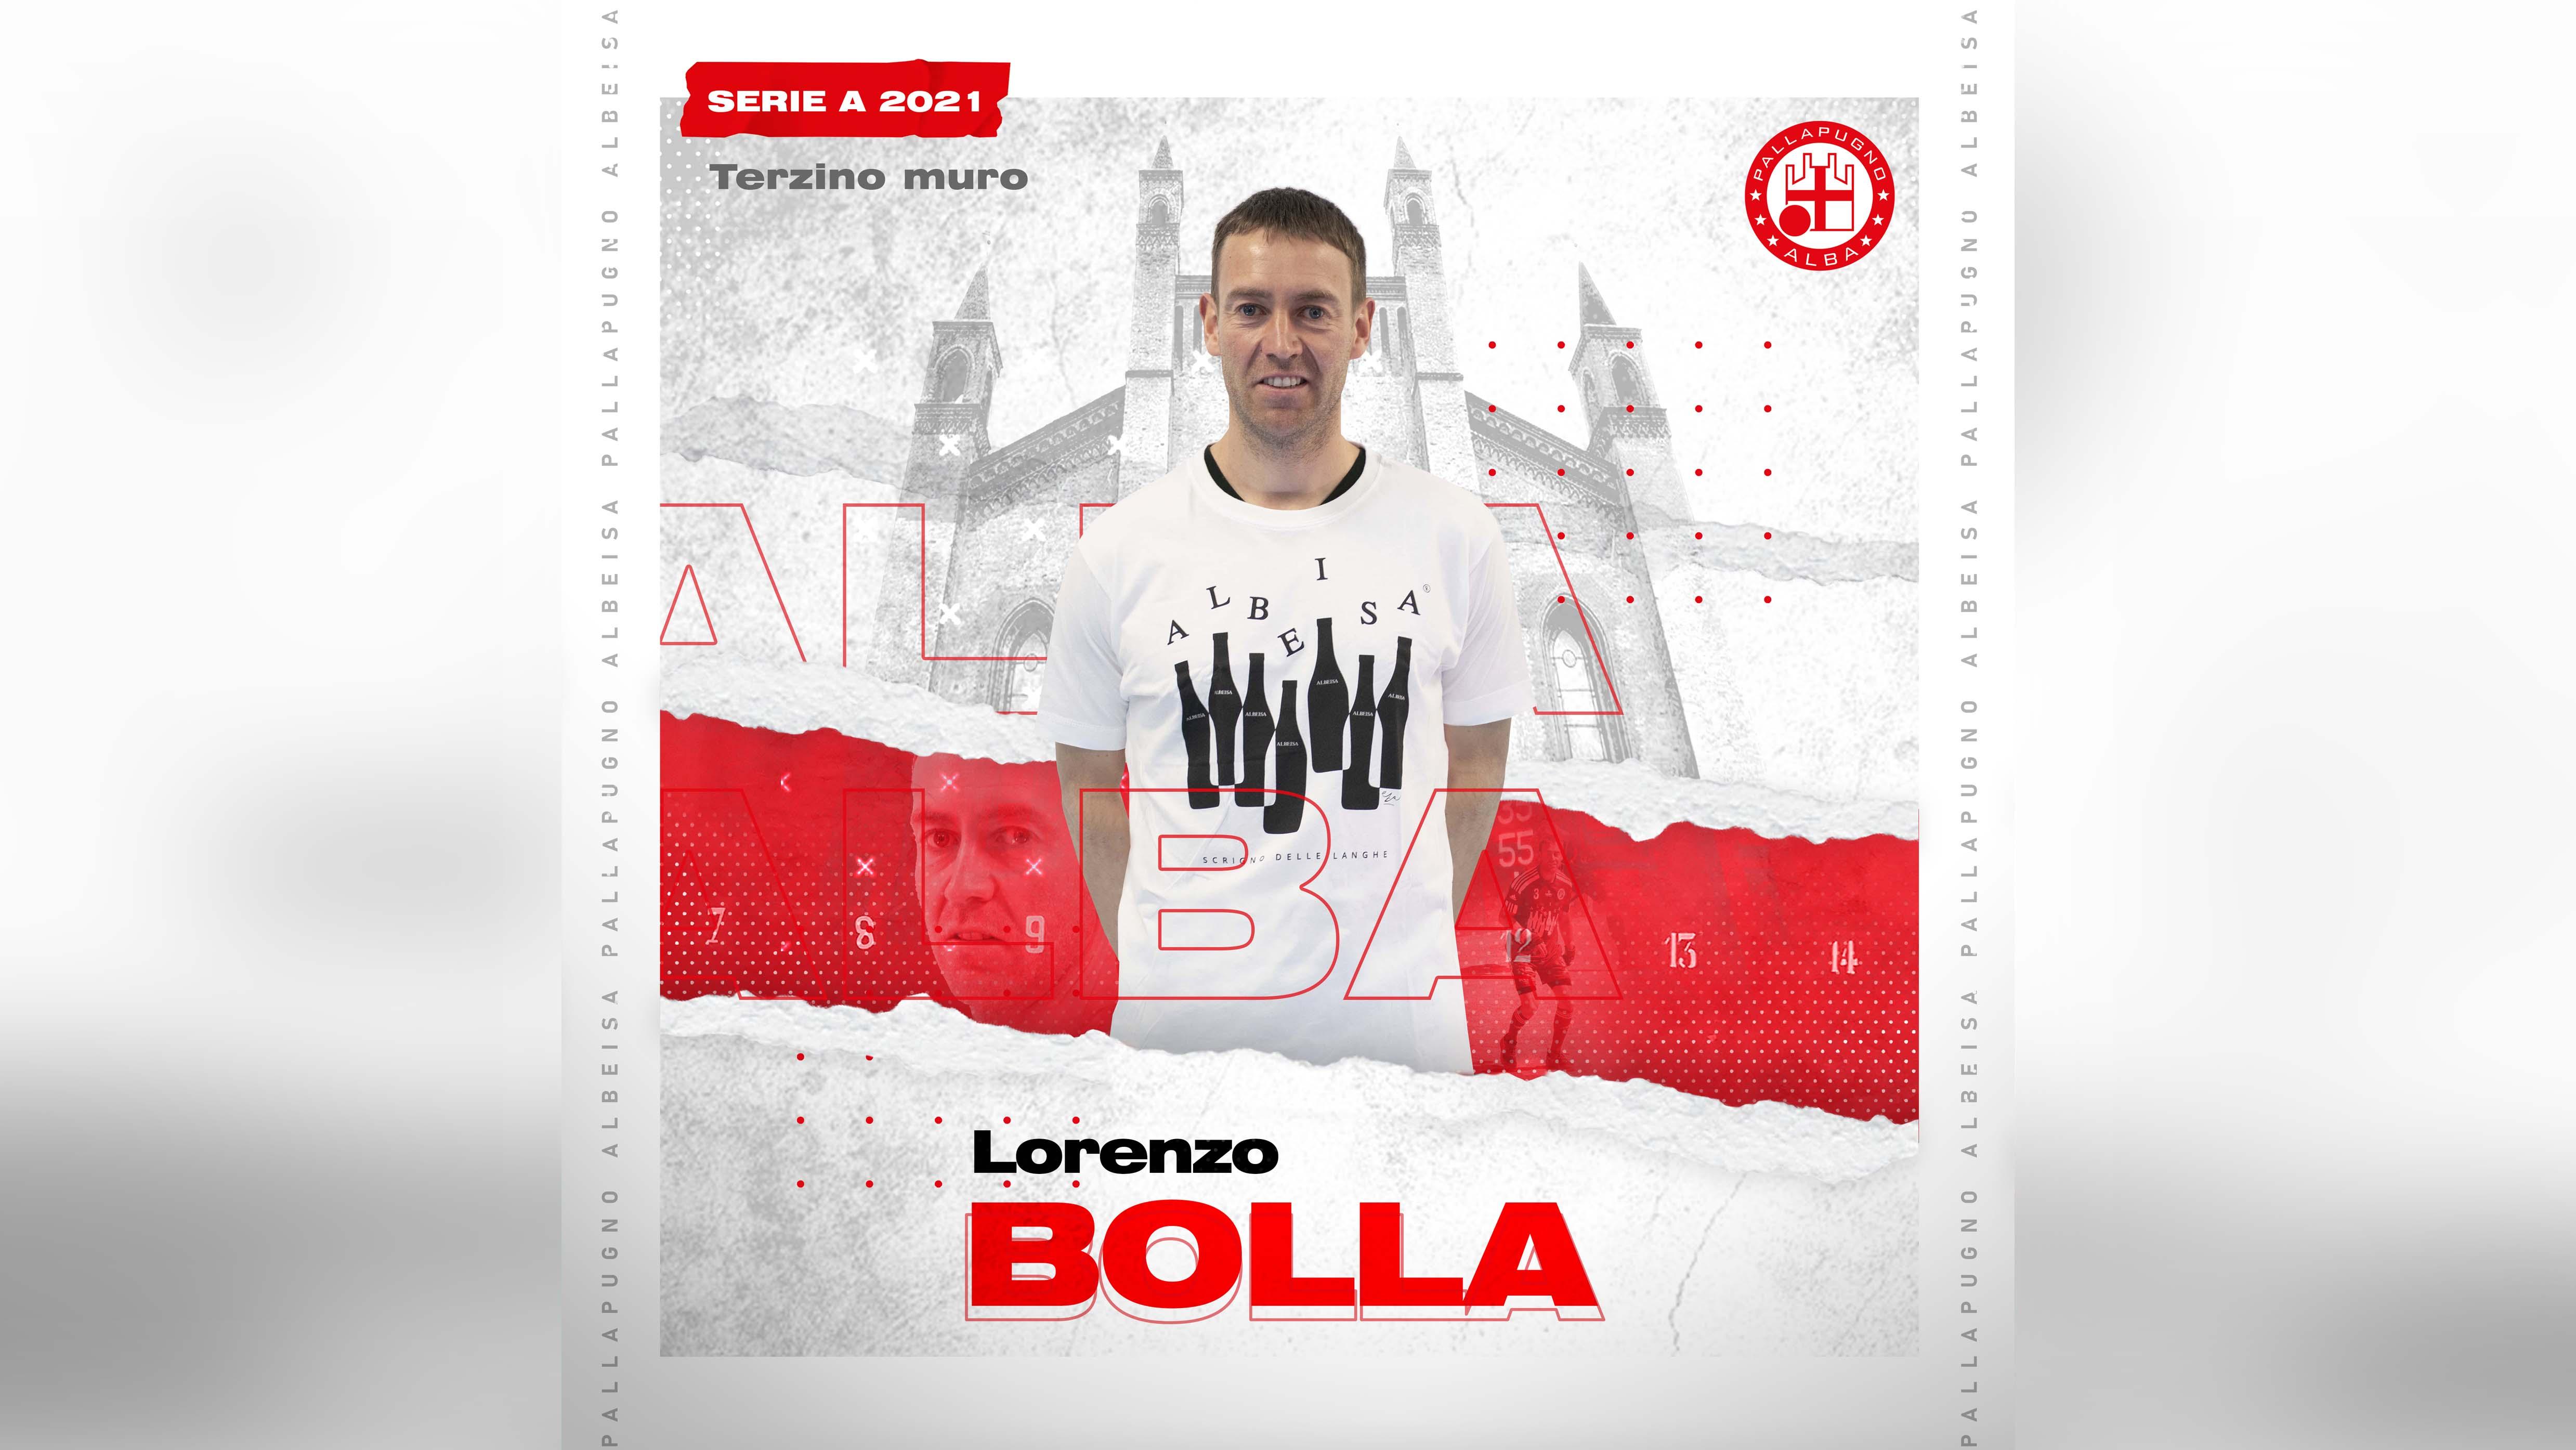 Lorenzo Bolla terzino muro di alto profilo